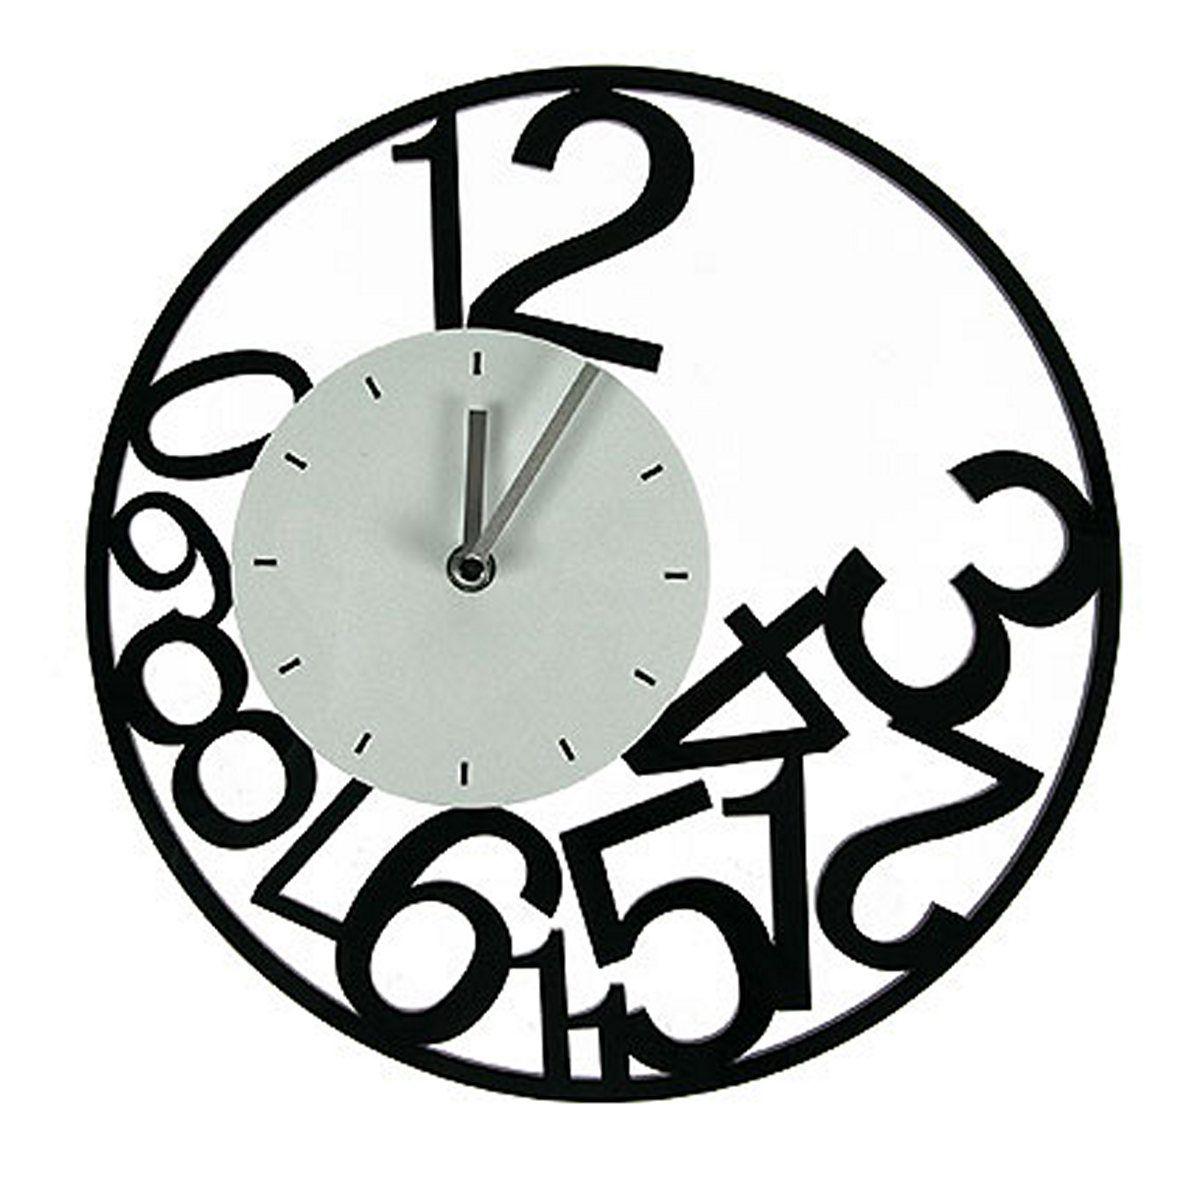 Часы настенные Русские Подарки, диаметр 30 см. 12242011162180Настенные кварцевые часы Русские Подарки изготовлены из полиамида. Корпус оформлен изображением цифр, расположенных в хаотичном порядке. Часы имеют две стрелки - часовую и минутную. С обратной стороны имеется петелька для подвешивания на стену.Изящные часы красиво и оригинально оформят интерьер дома или офиса. Также часы могут стать уникальным, полезным подарком для родственников, коллег, знакомых и близких.Часы работают от батареек типа АА (в комплект не входят).